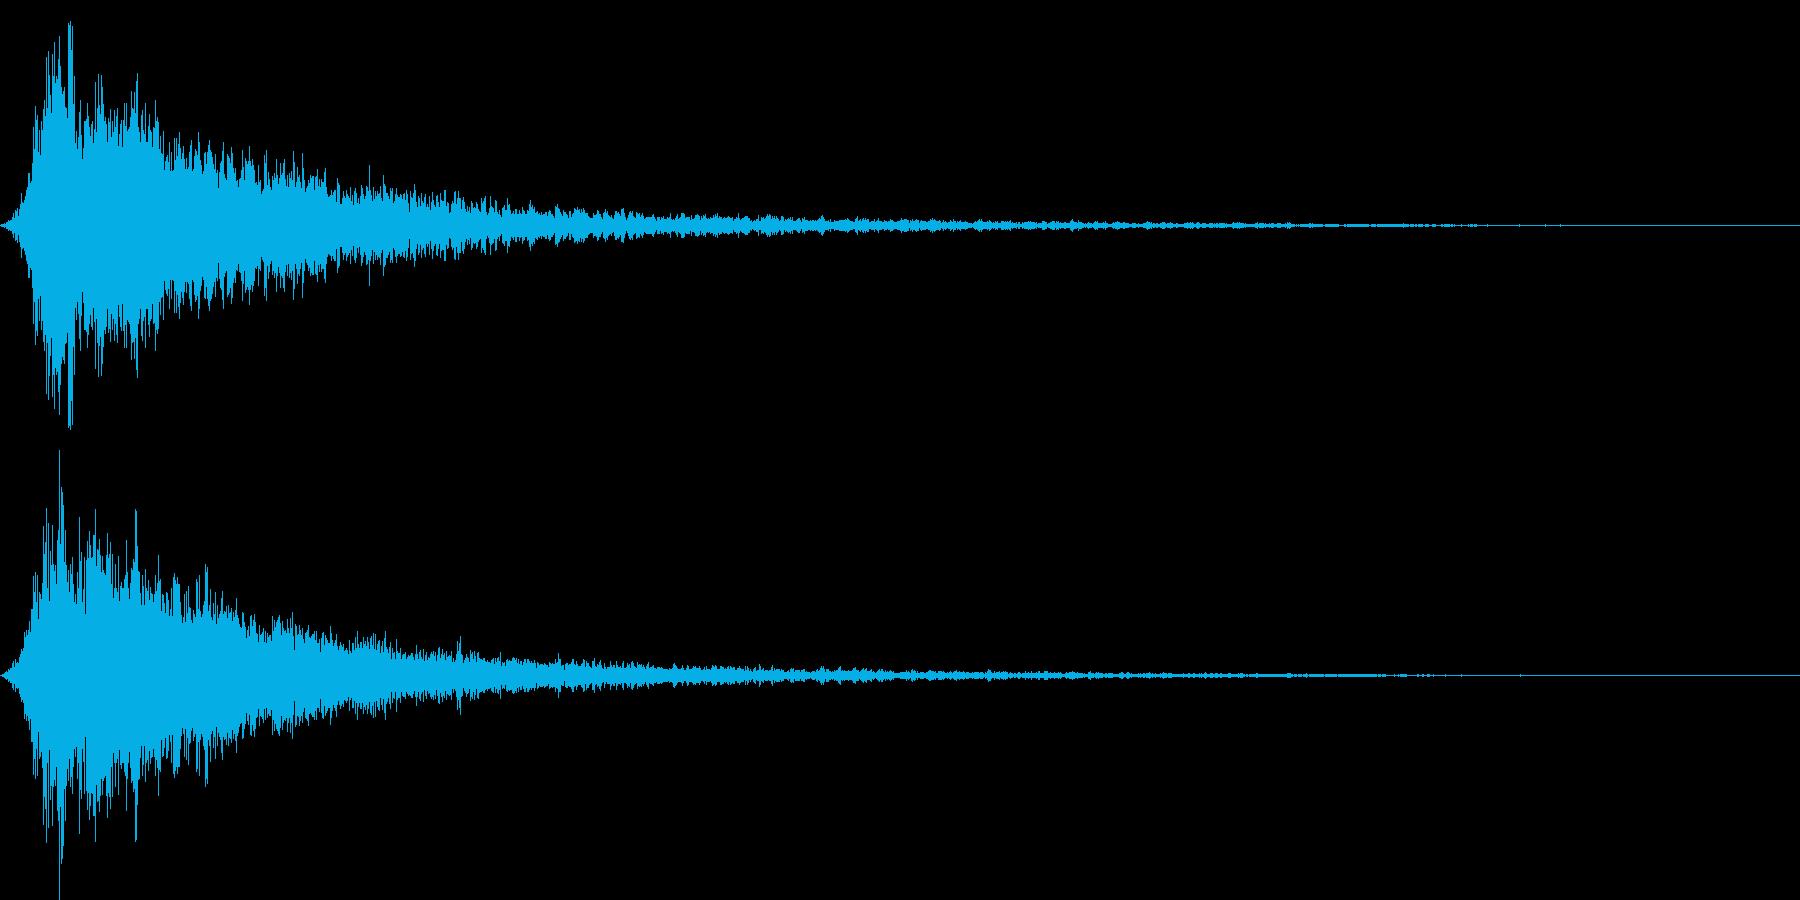 シャキーン キラーン☆強烈な輝き!20bの再生済みの波形